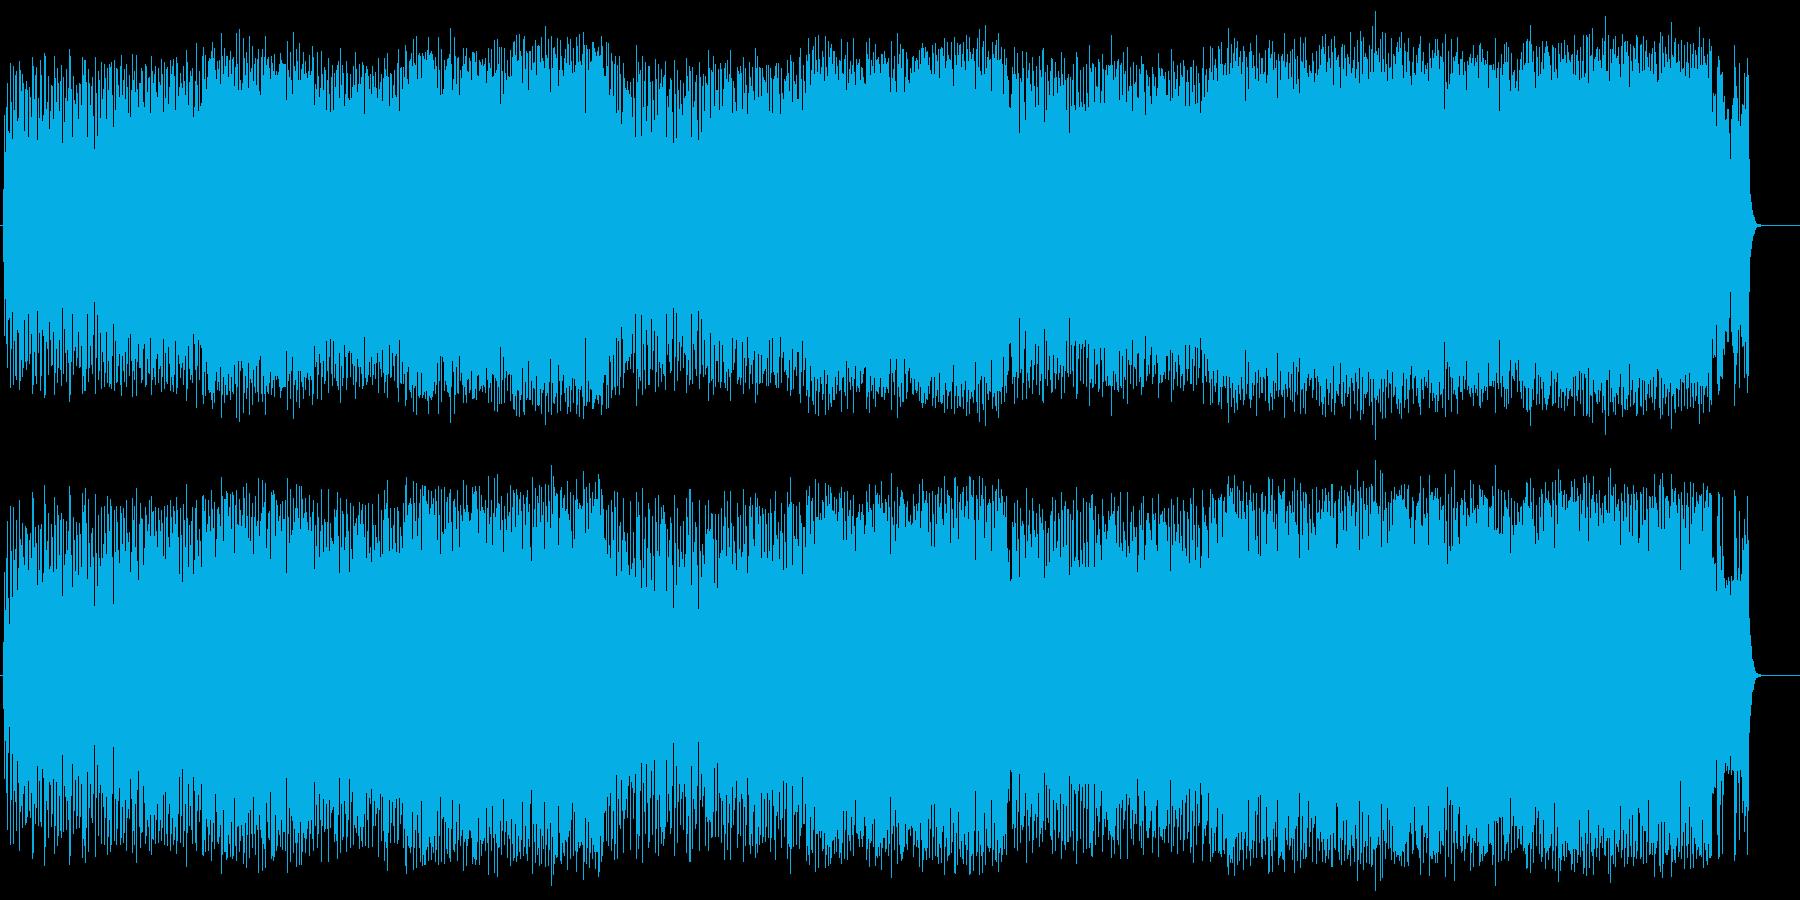 スピード感あるロック/ポップの再生済みの波形